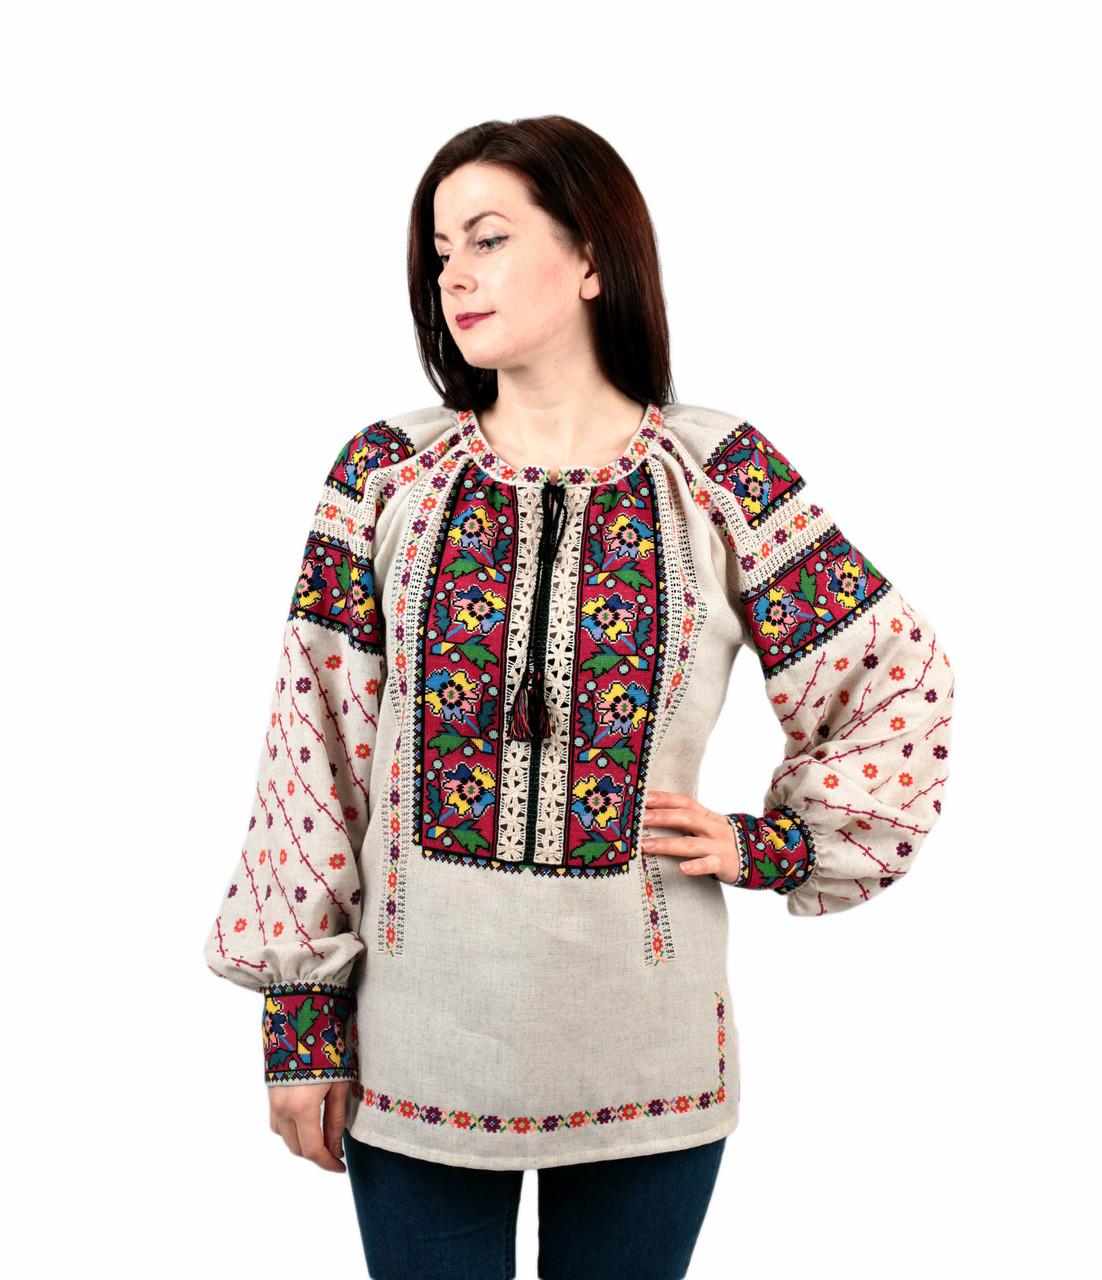 2971bac0938fa4 Жіноча вишиванка на льоні ручної роботи: продажа, цена в ...